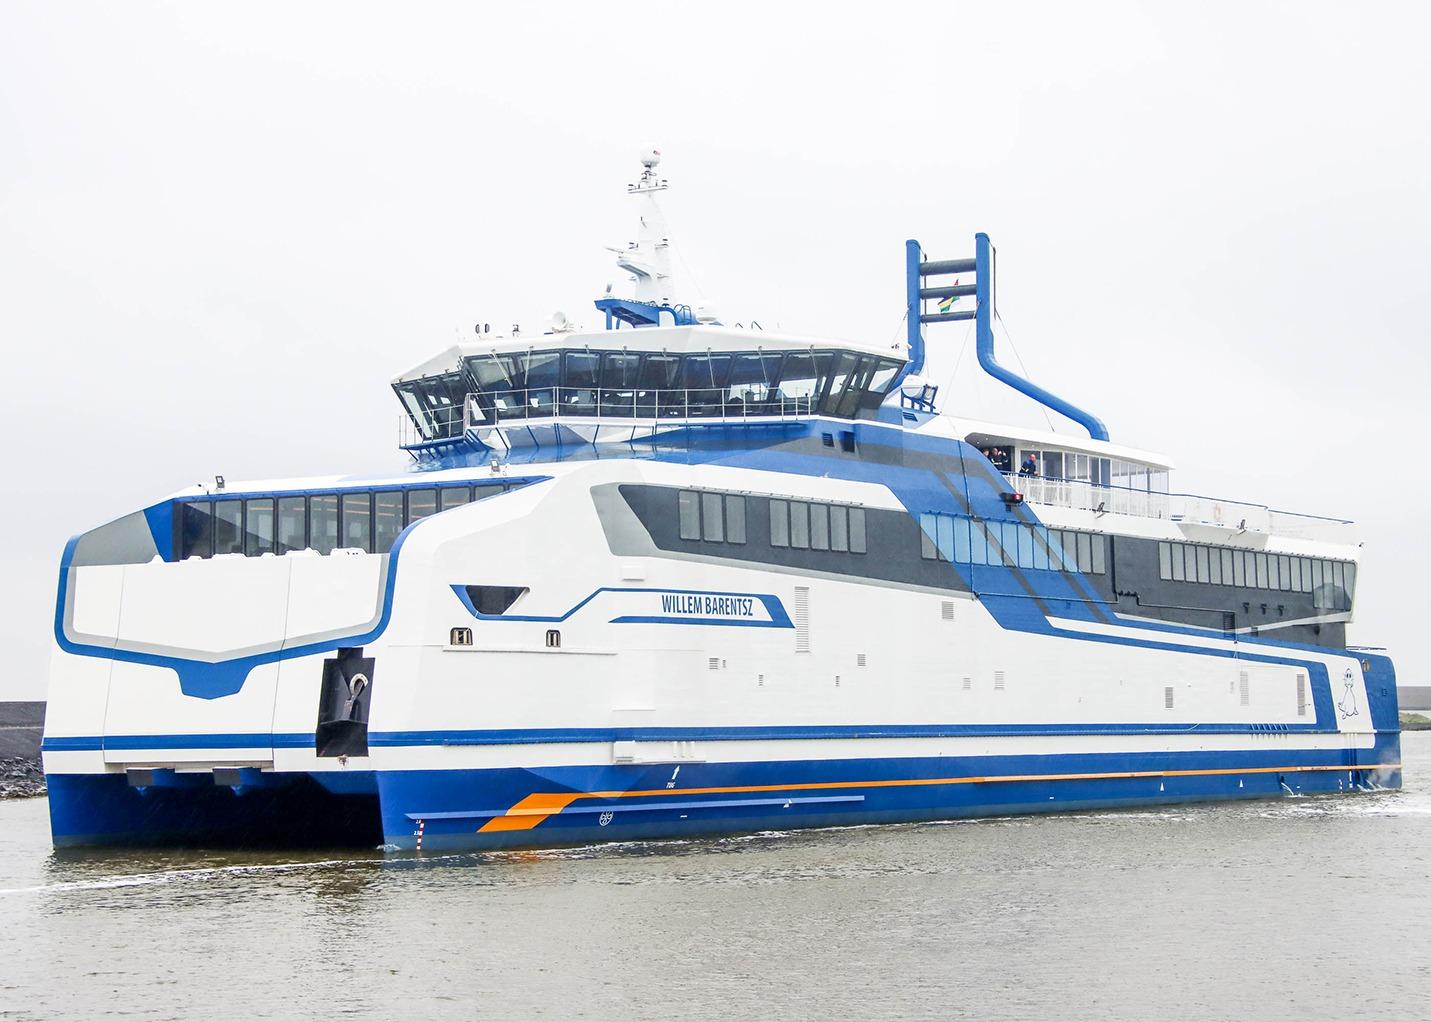 Veerdienst Ferries SFT151475 Rederij Doeksen Harlingen m.s. Willem Barentz Scania gasgeneratorsets